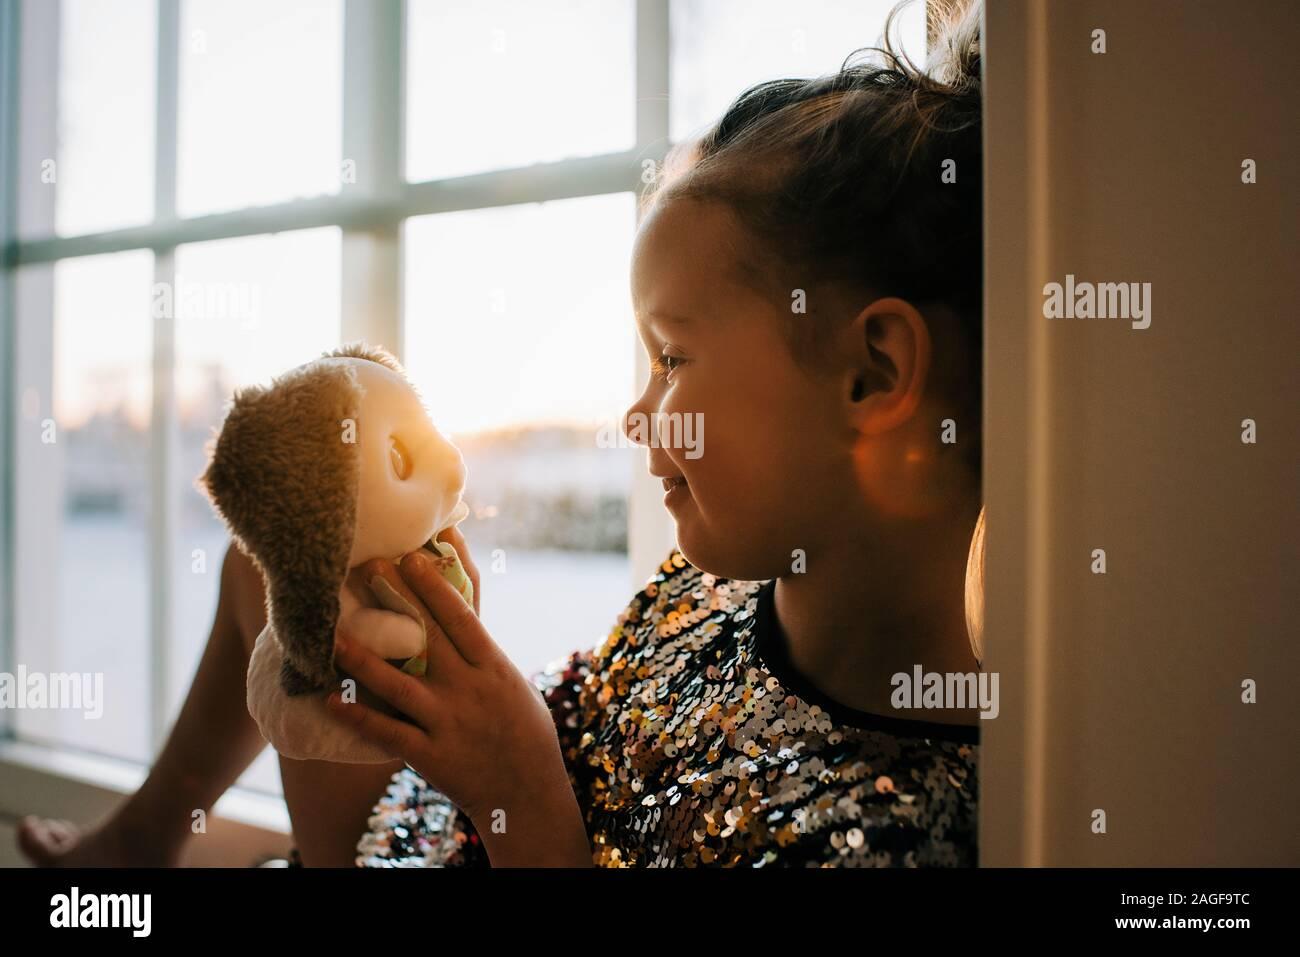 Joven mirando fijamente a su juguete en casa al atardecer Foto de stock